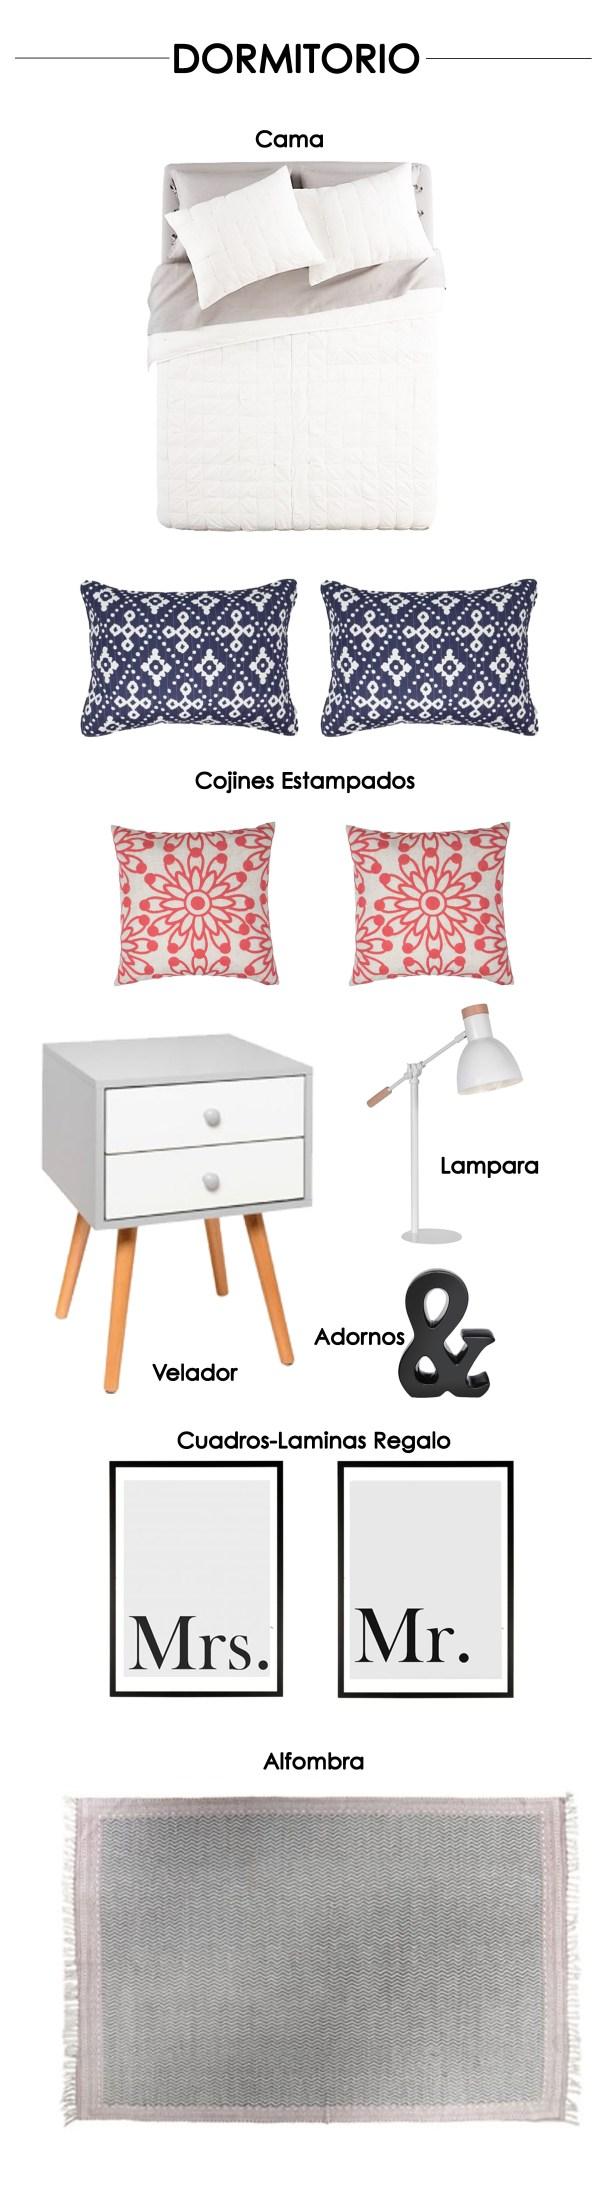 Dormitorio_Sin precios .jpg